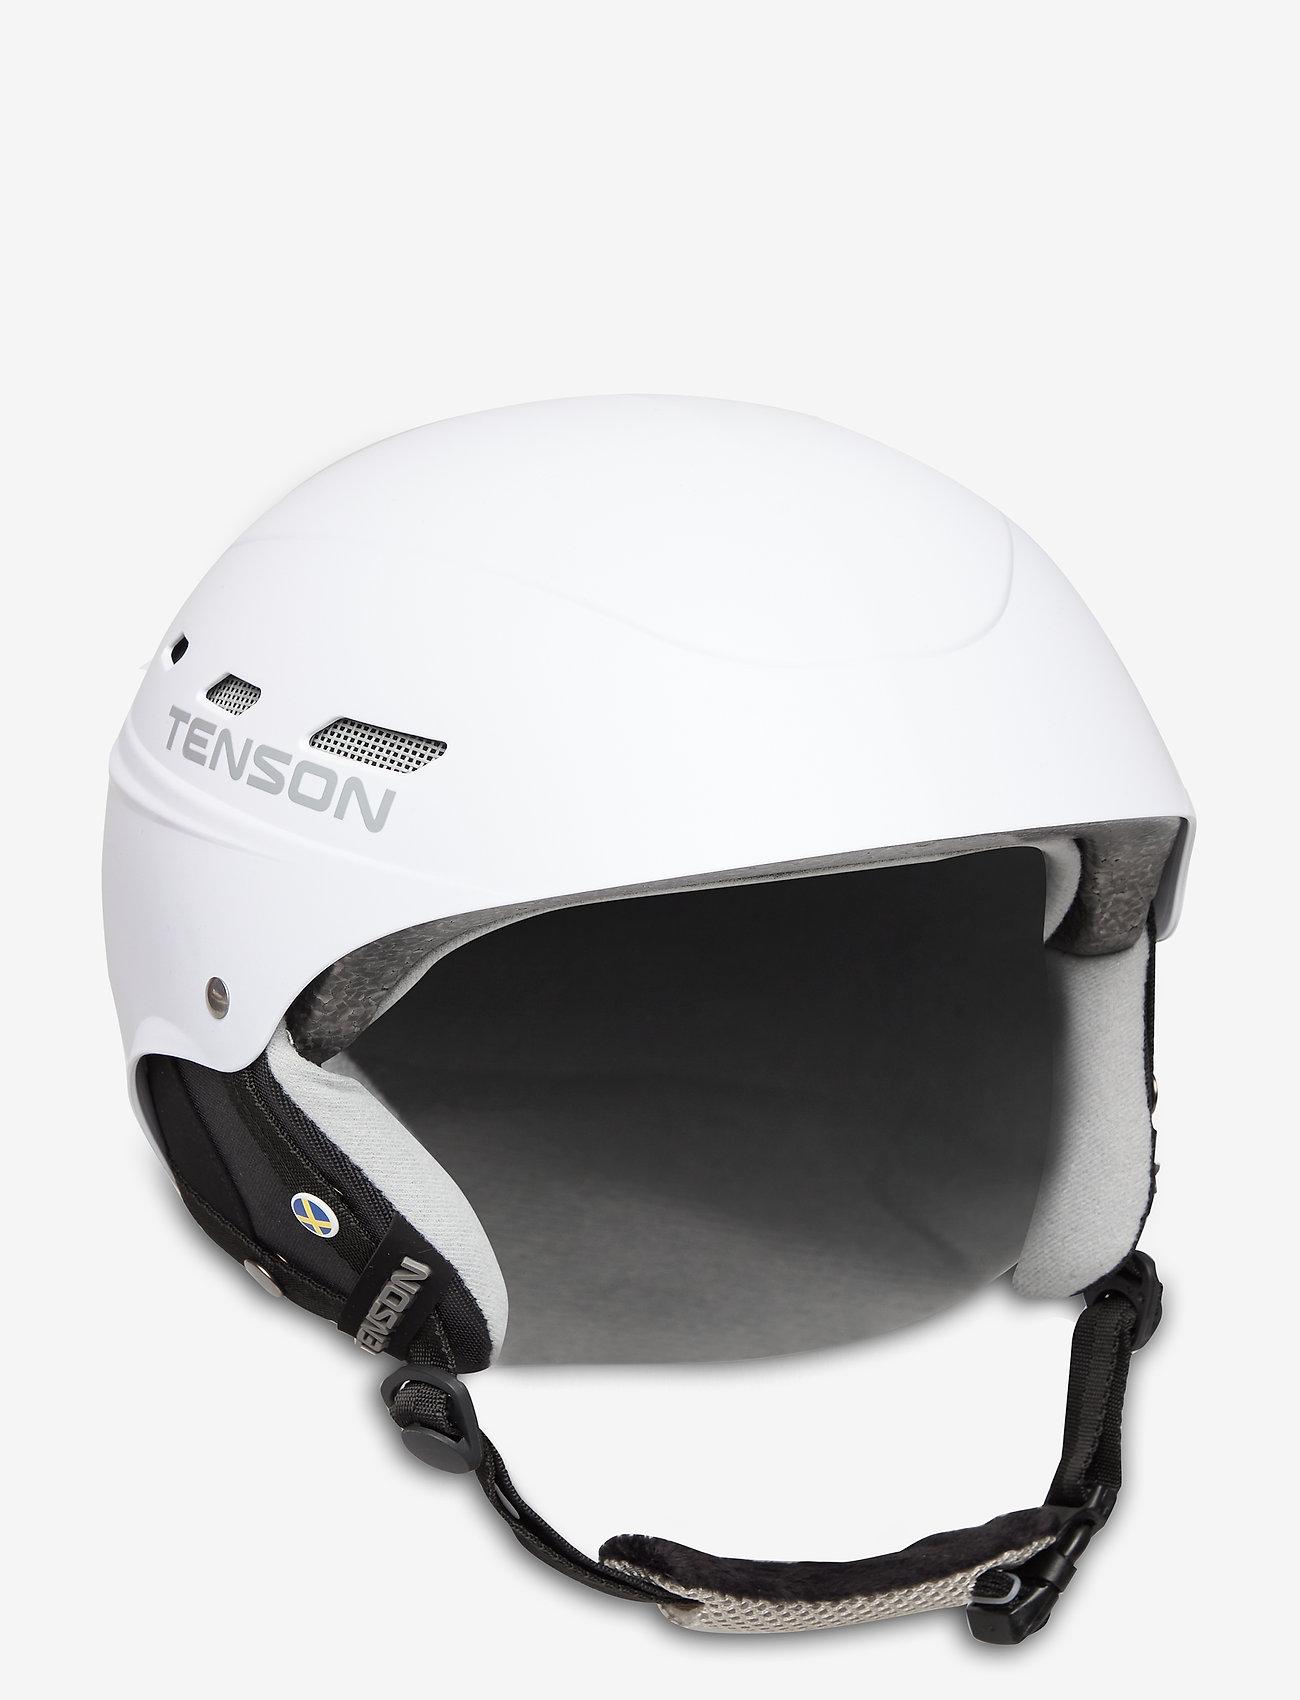 Tenson - CORE - vintersportstilbehør - white - 0